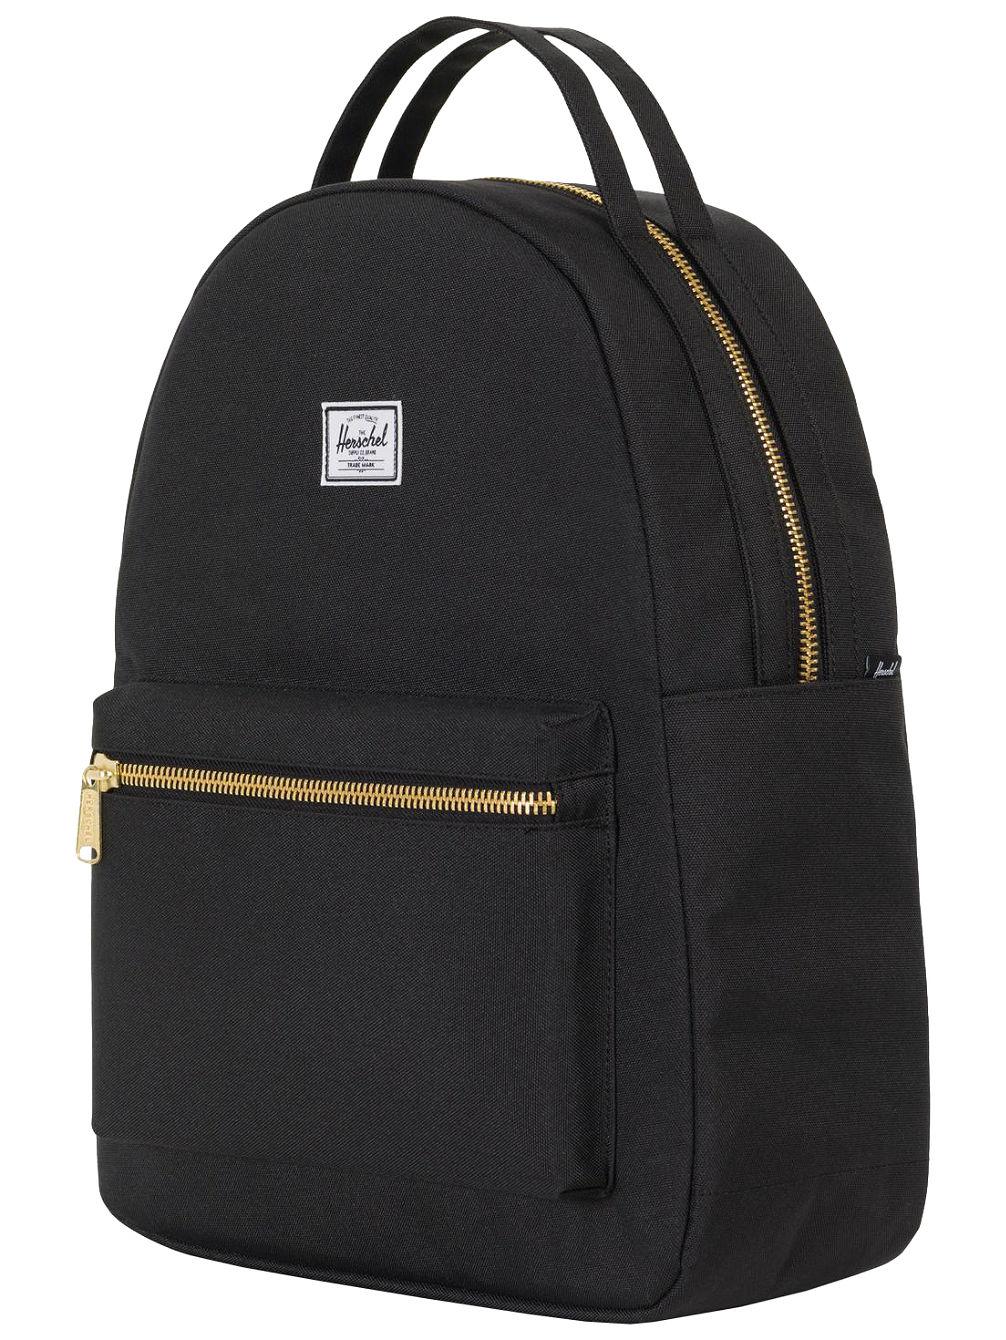 d34274ff249 Buy Herschel Nova Mid-Volume Backpack online at Blue Tomato